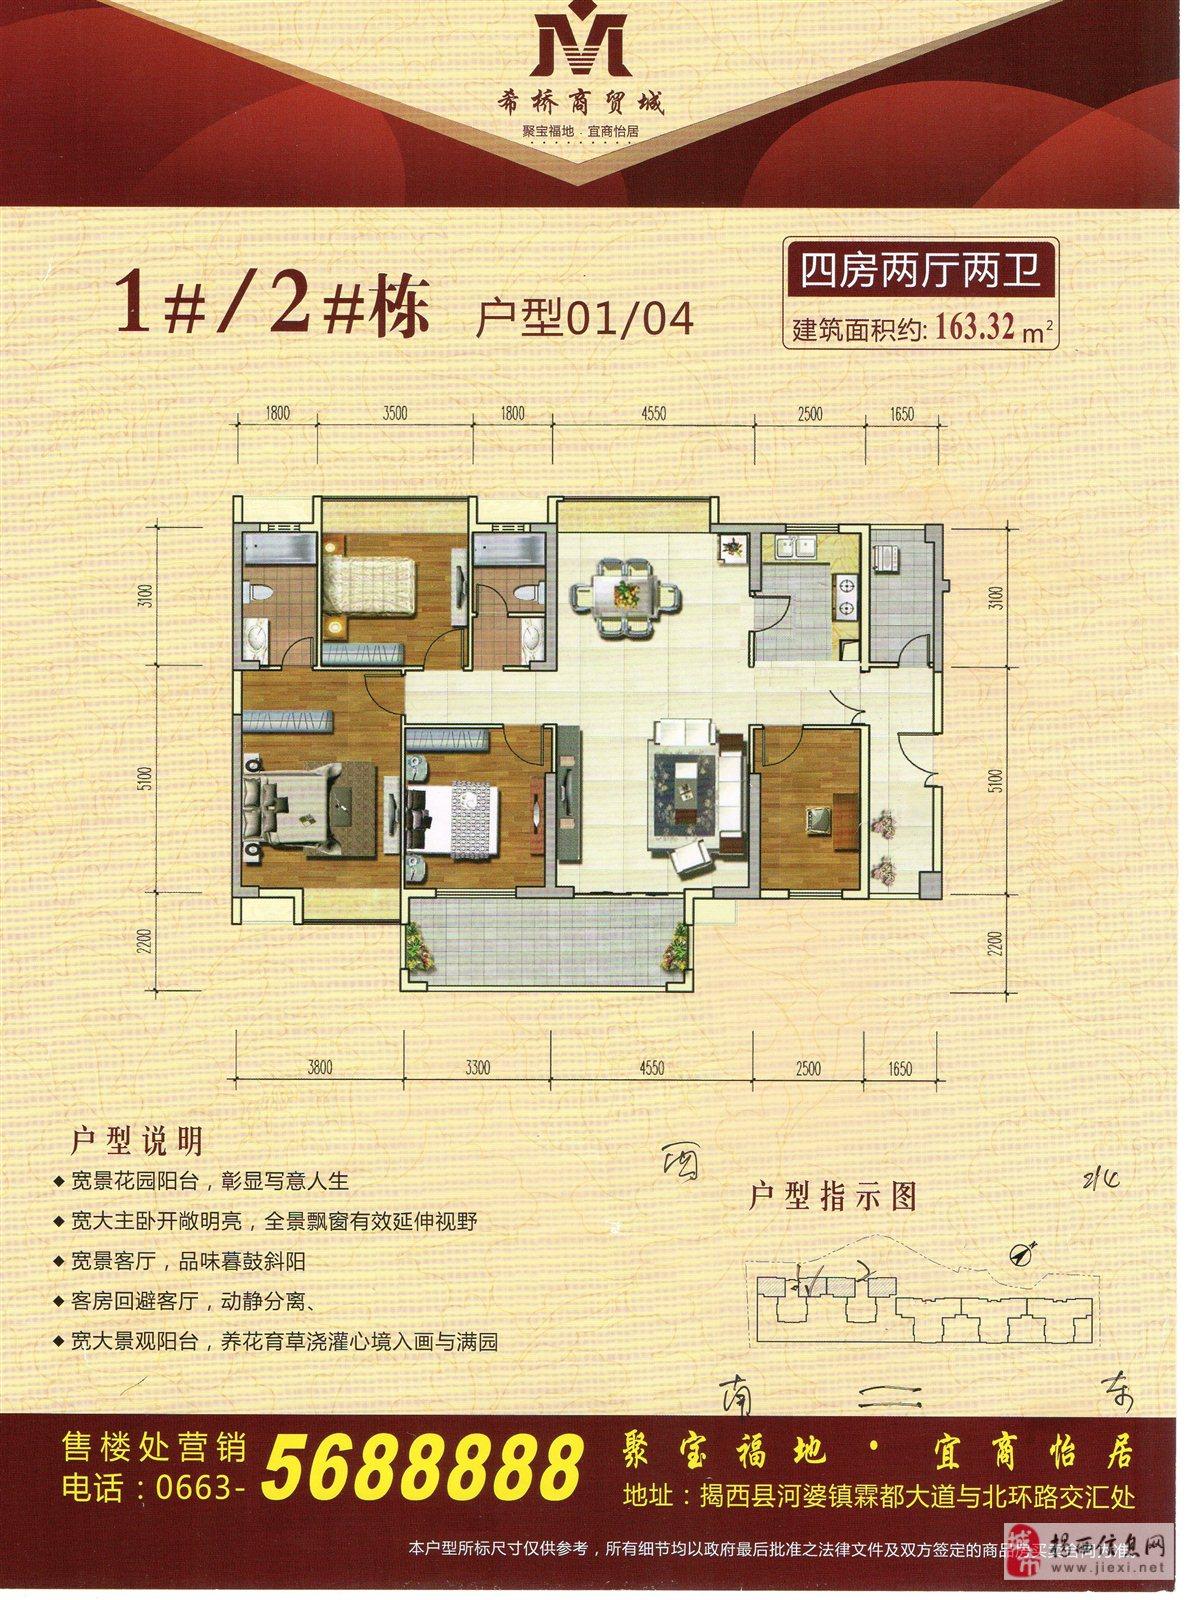 希橋商貿城2棟8樓4室2廳2衛78萬元